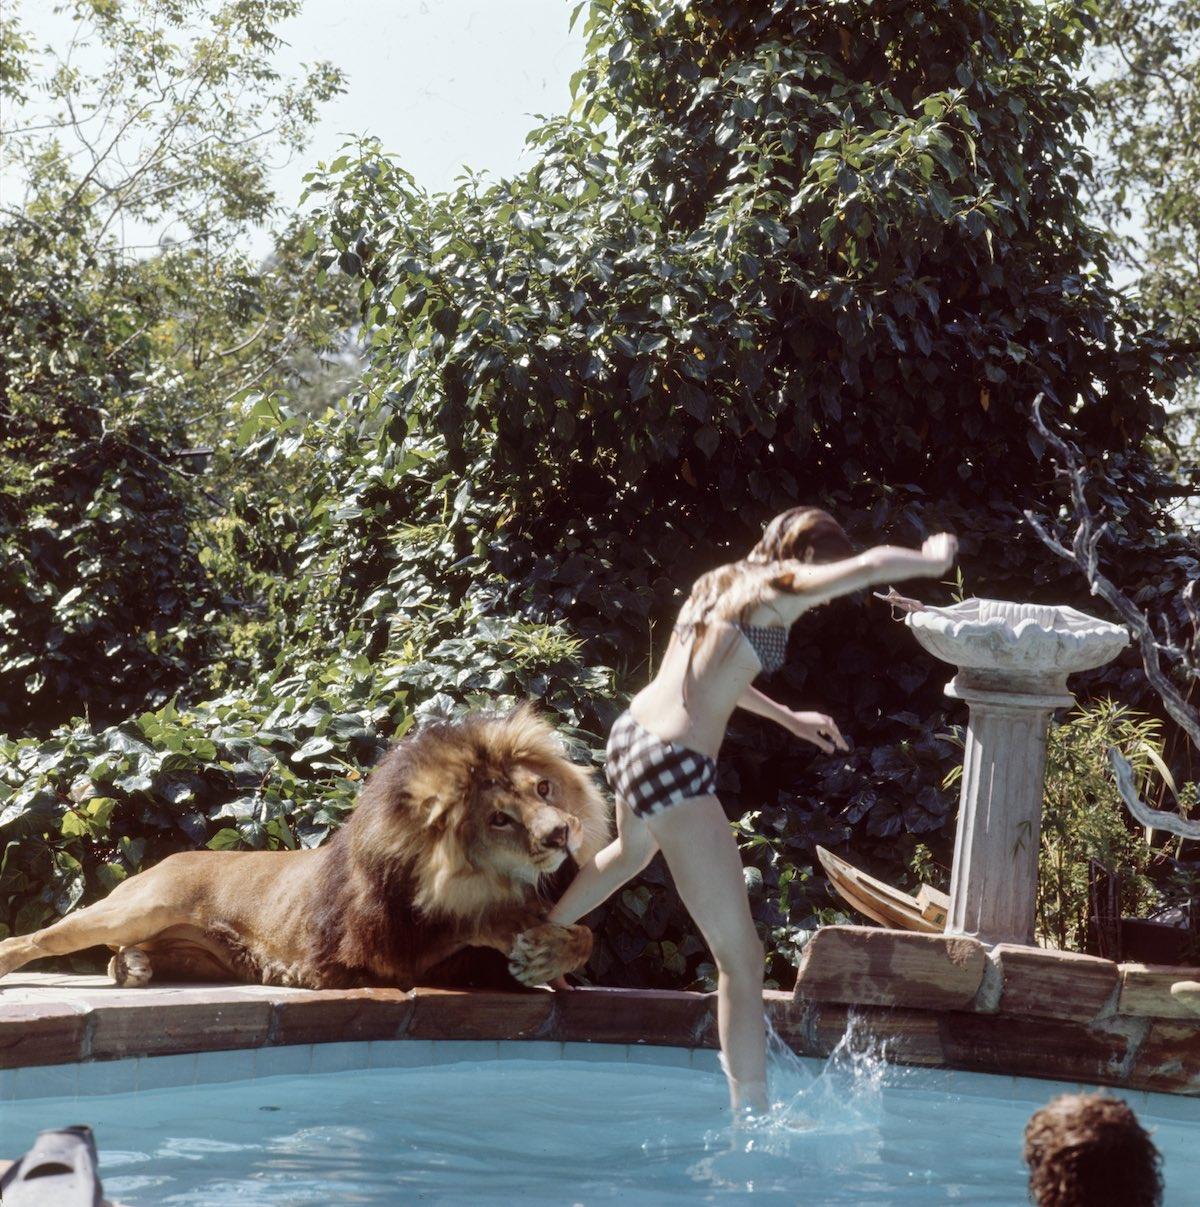 Melanie saltando en una piscina, mientras que Neil le agarra la pierna.